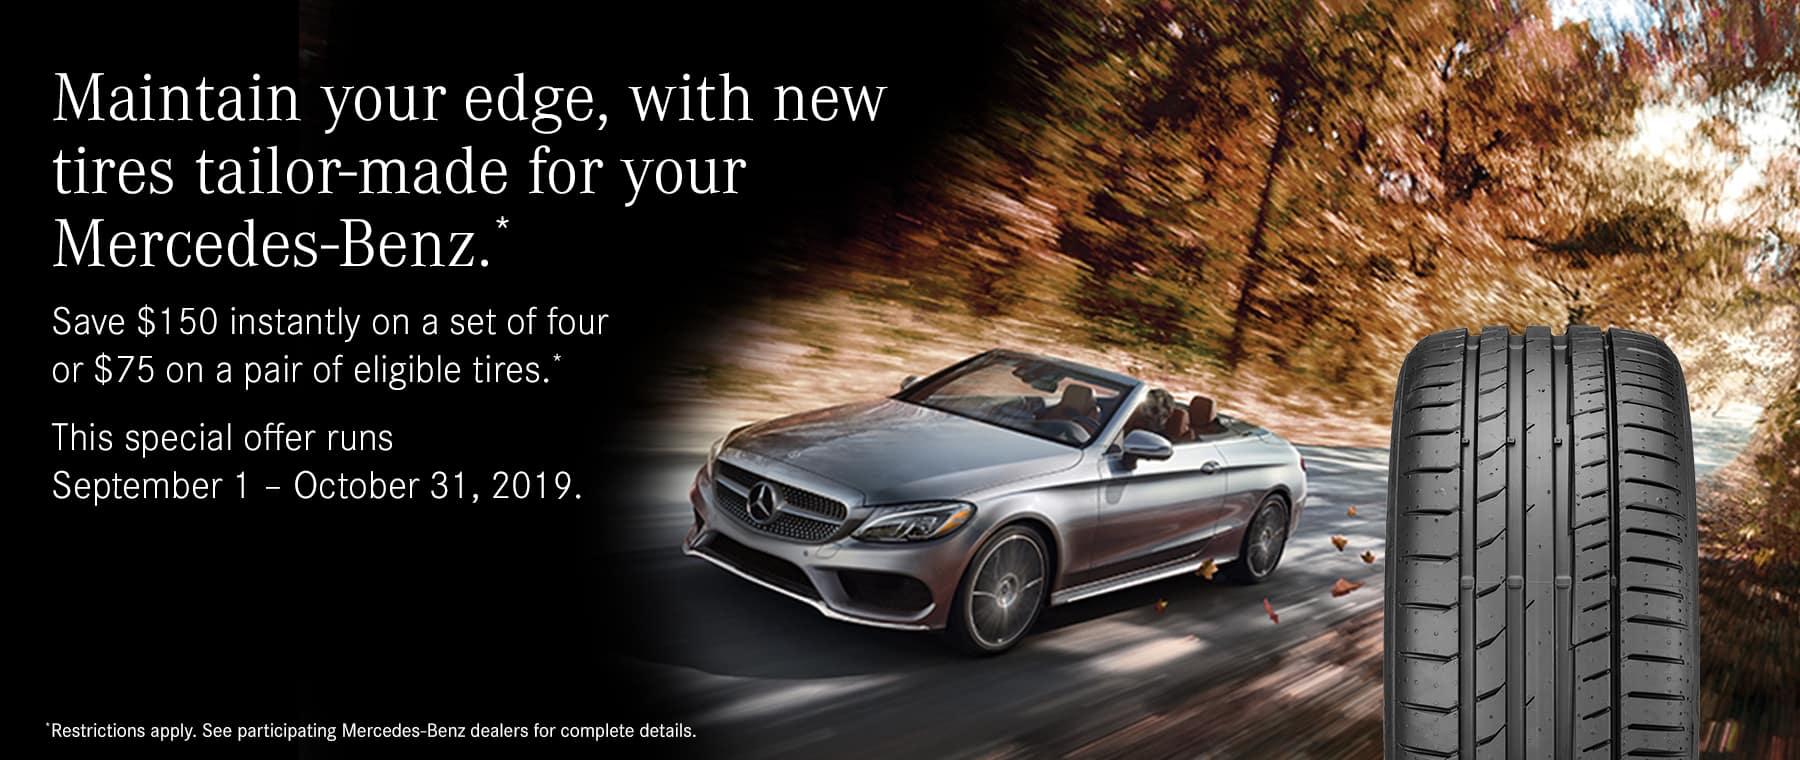 Mercedes-Benz Dealer near West Bloomfield | Mercedes-Benz of